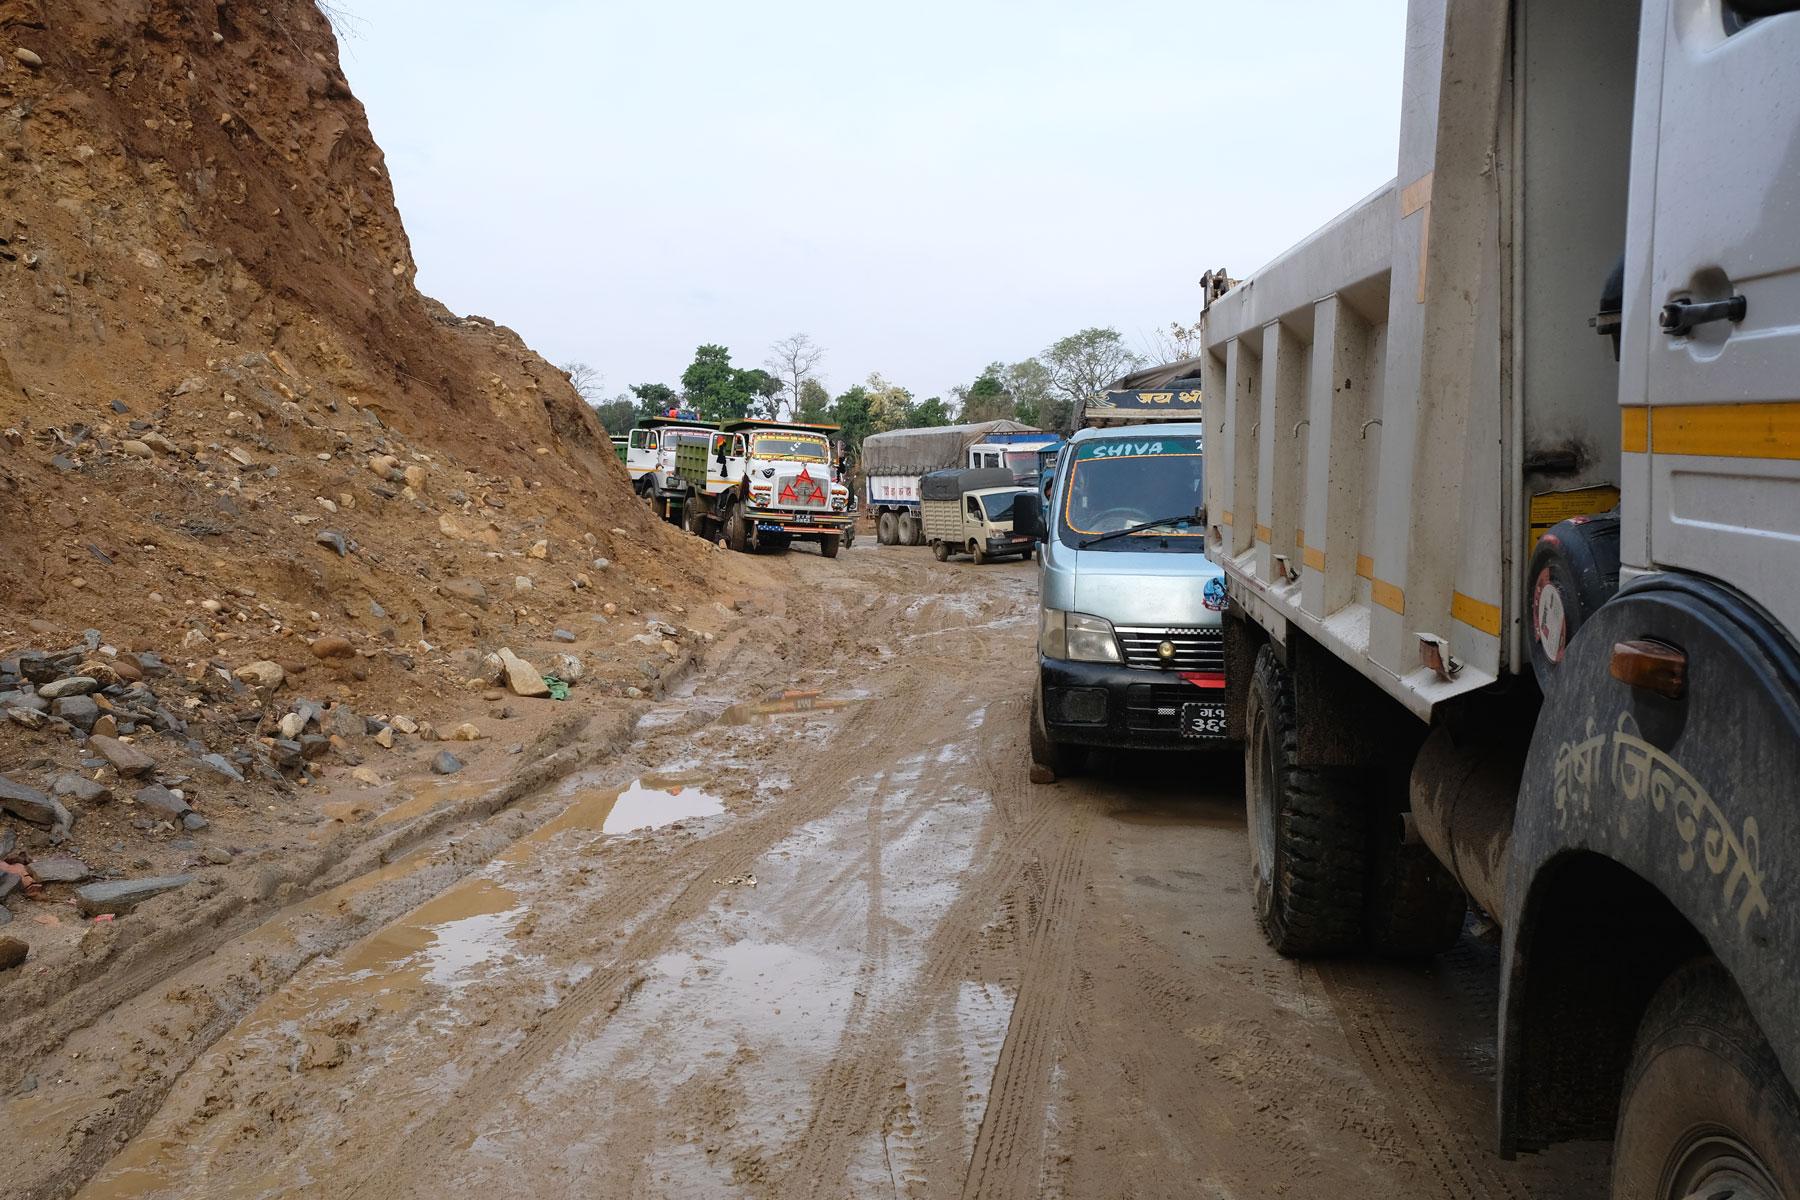 Lastwagen stehen auf einer Schlammpiste im Stau.